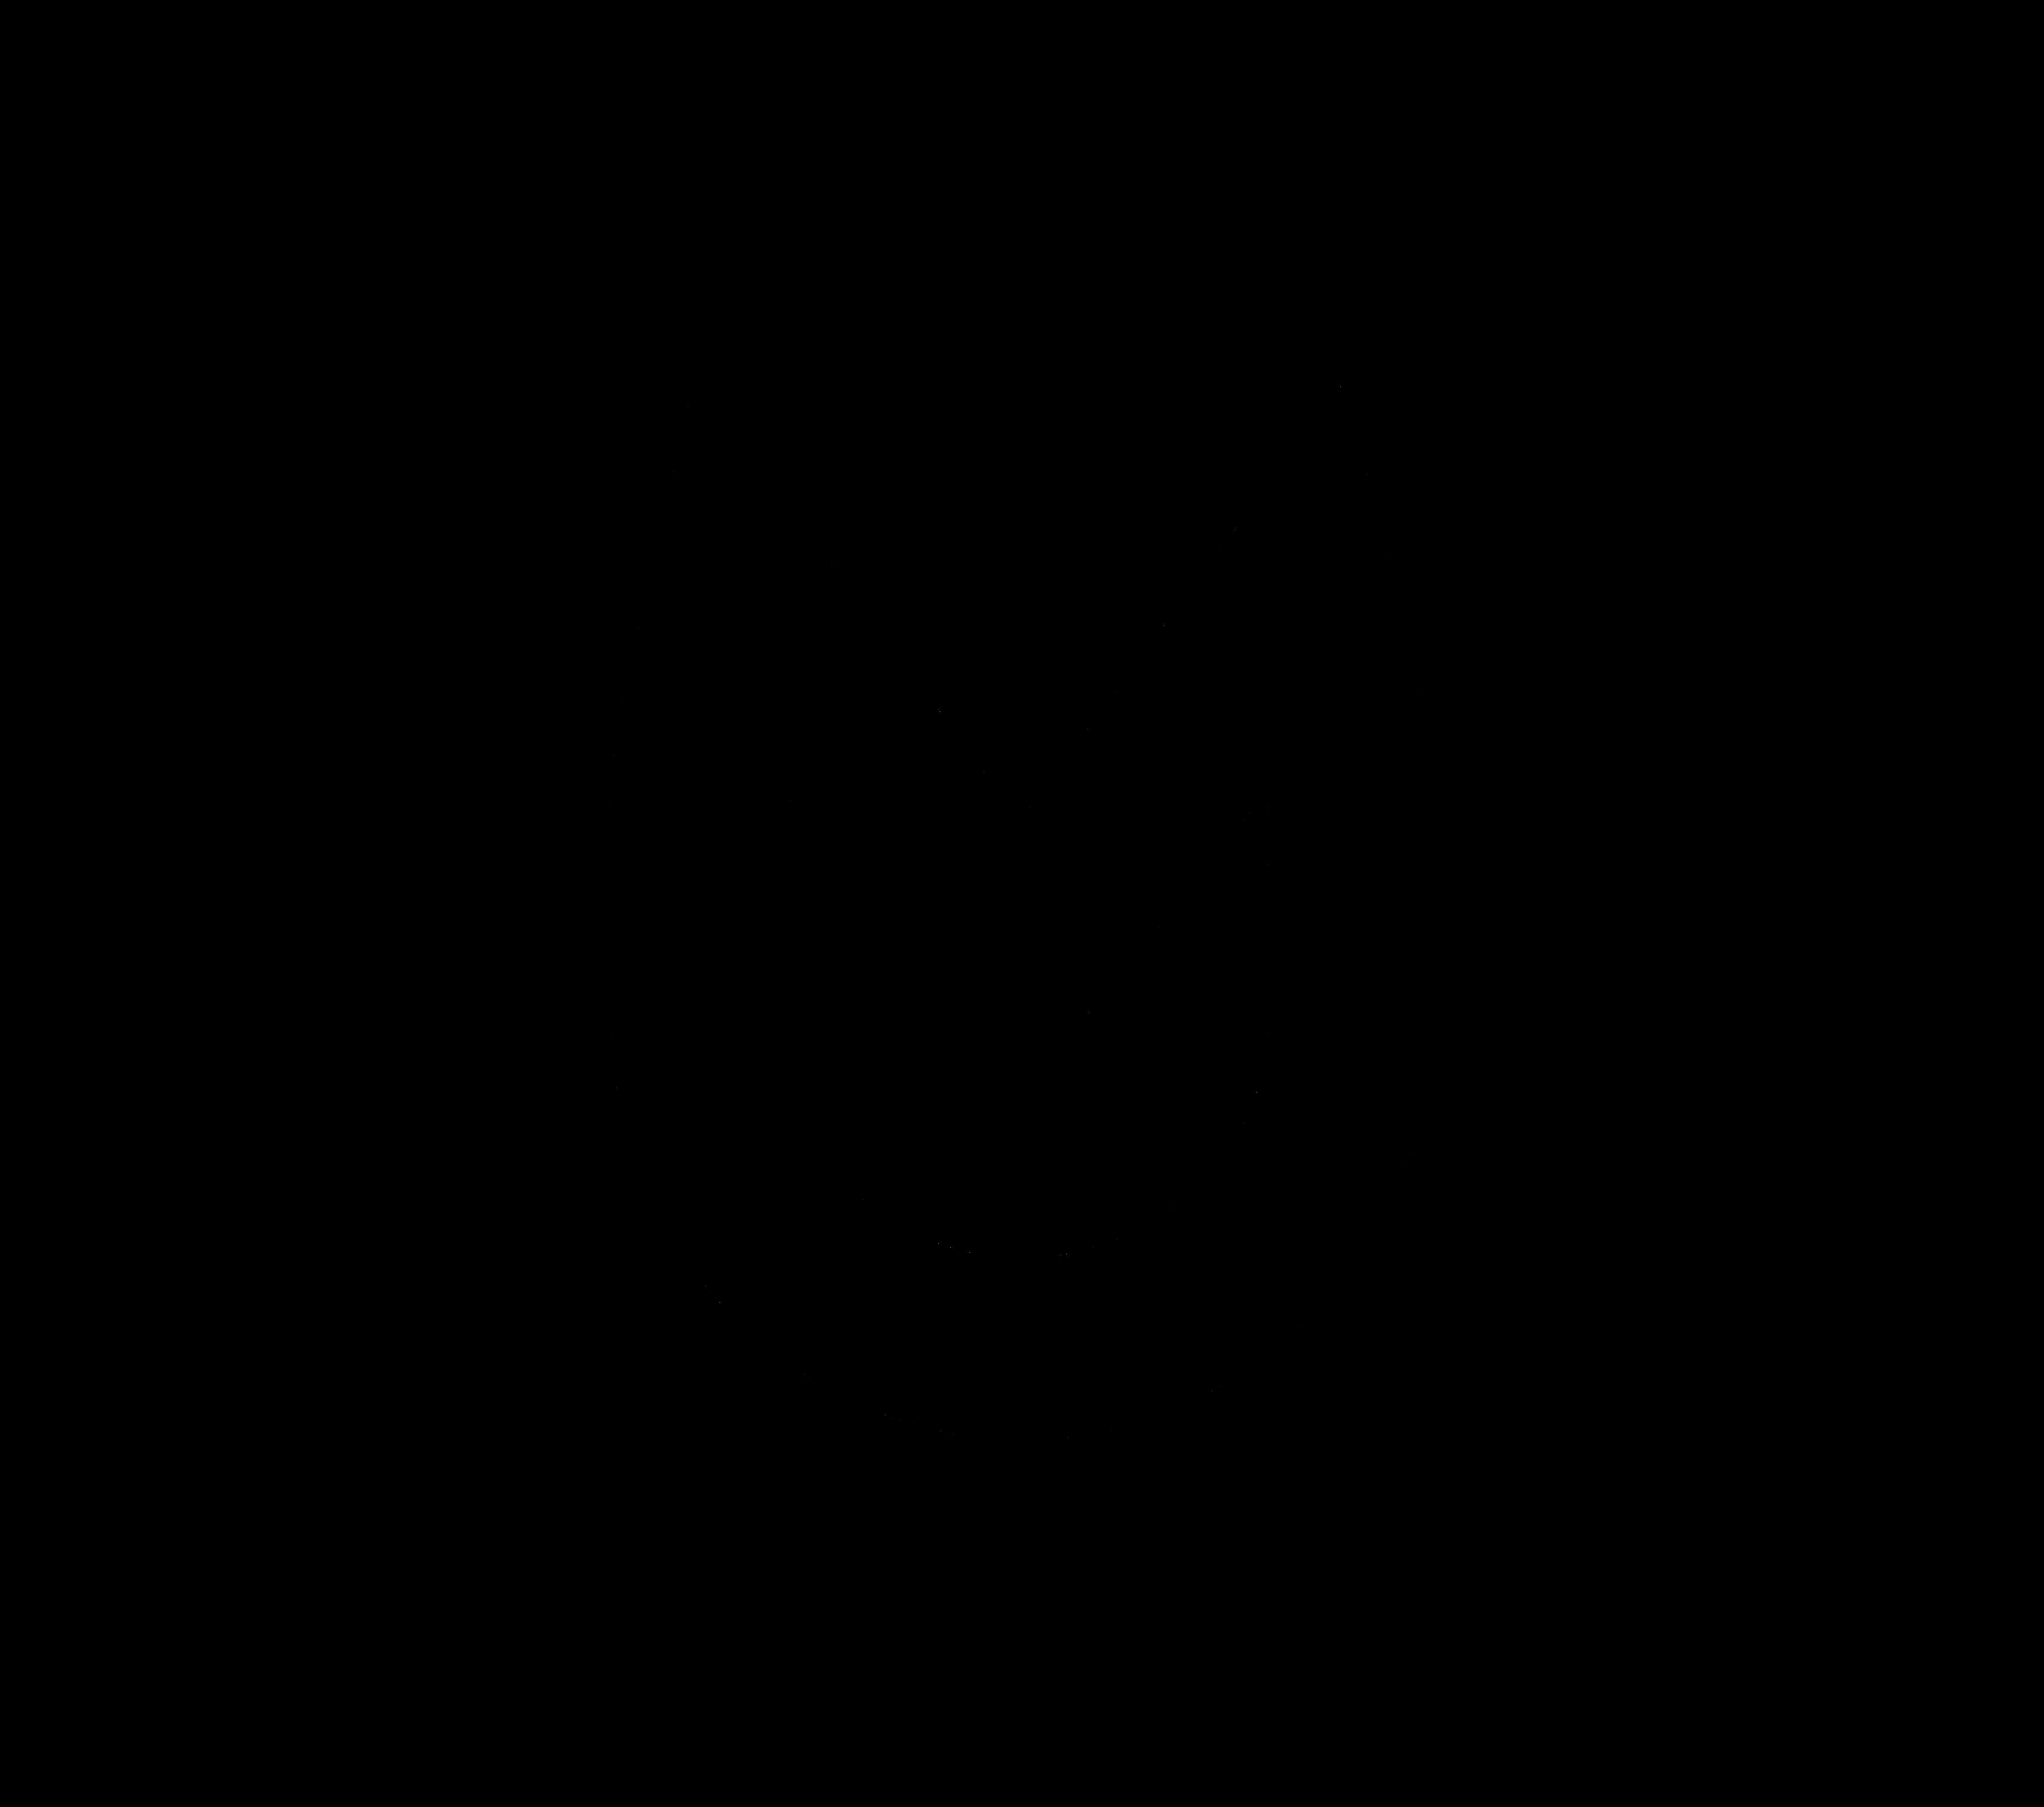 MarioDiaz.design